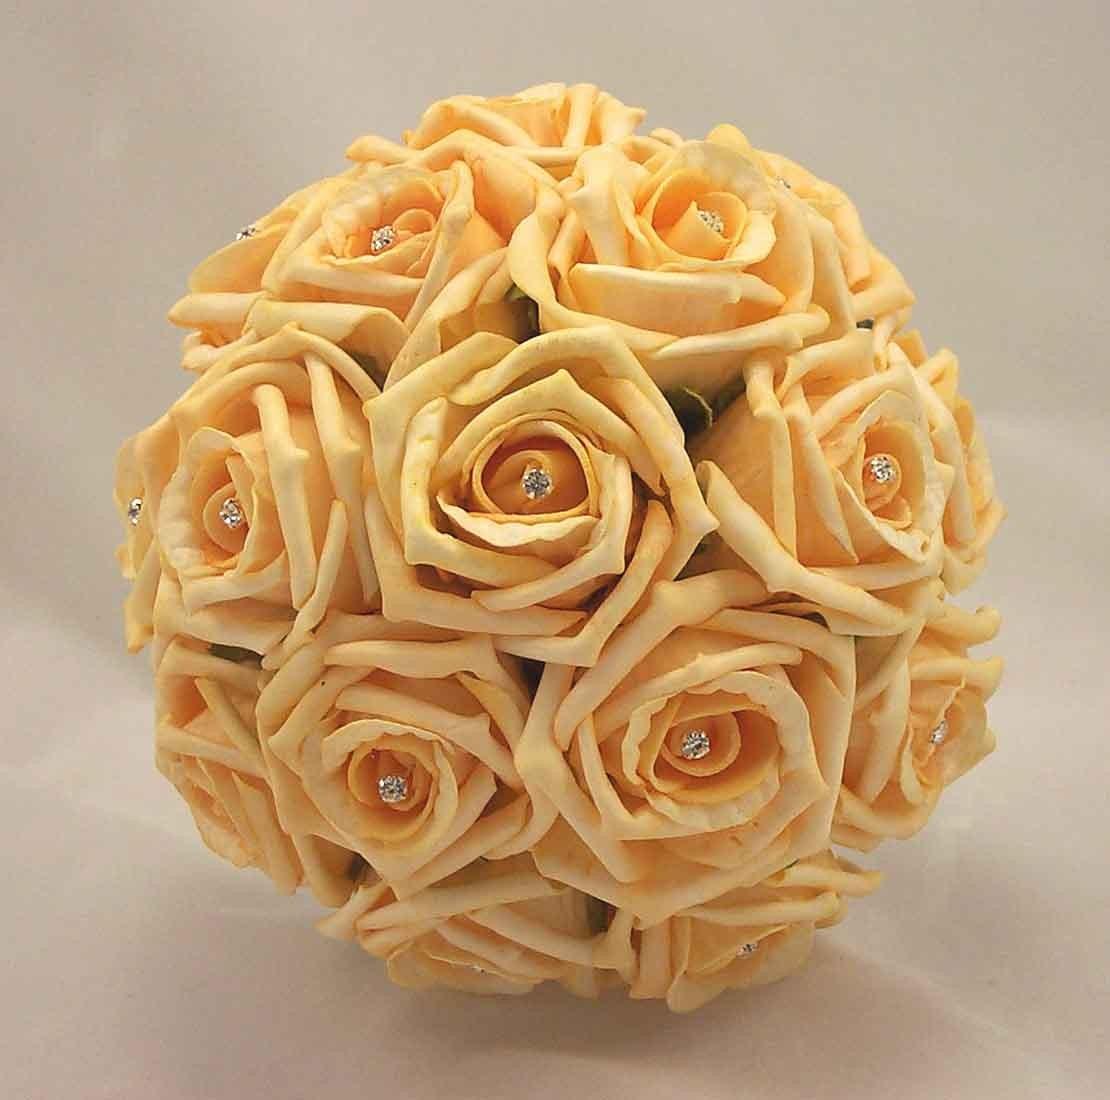 Gold Rose Diamante Bridesmaid's Bouquet